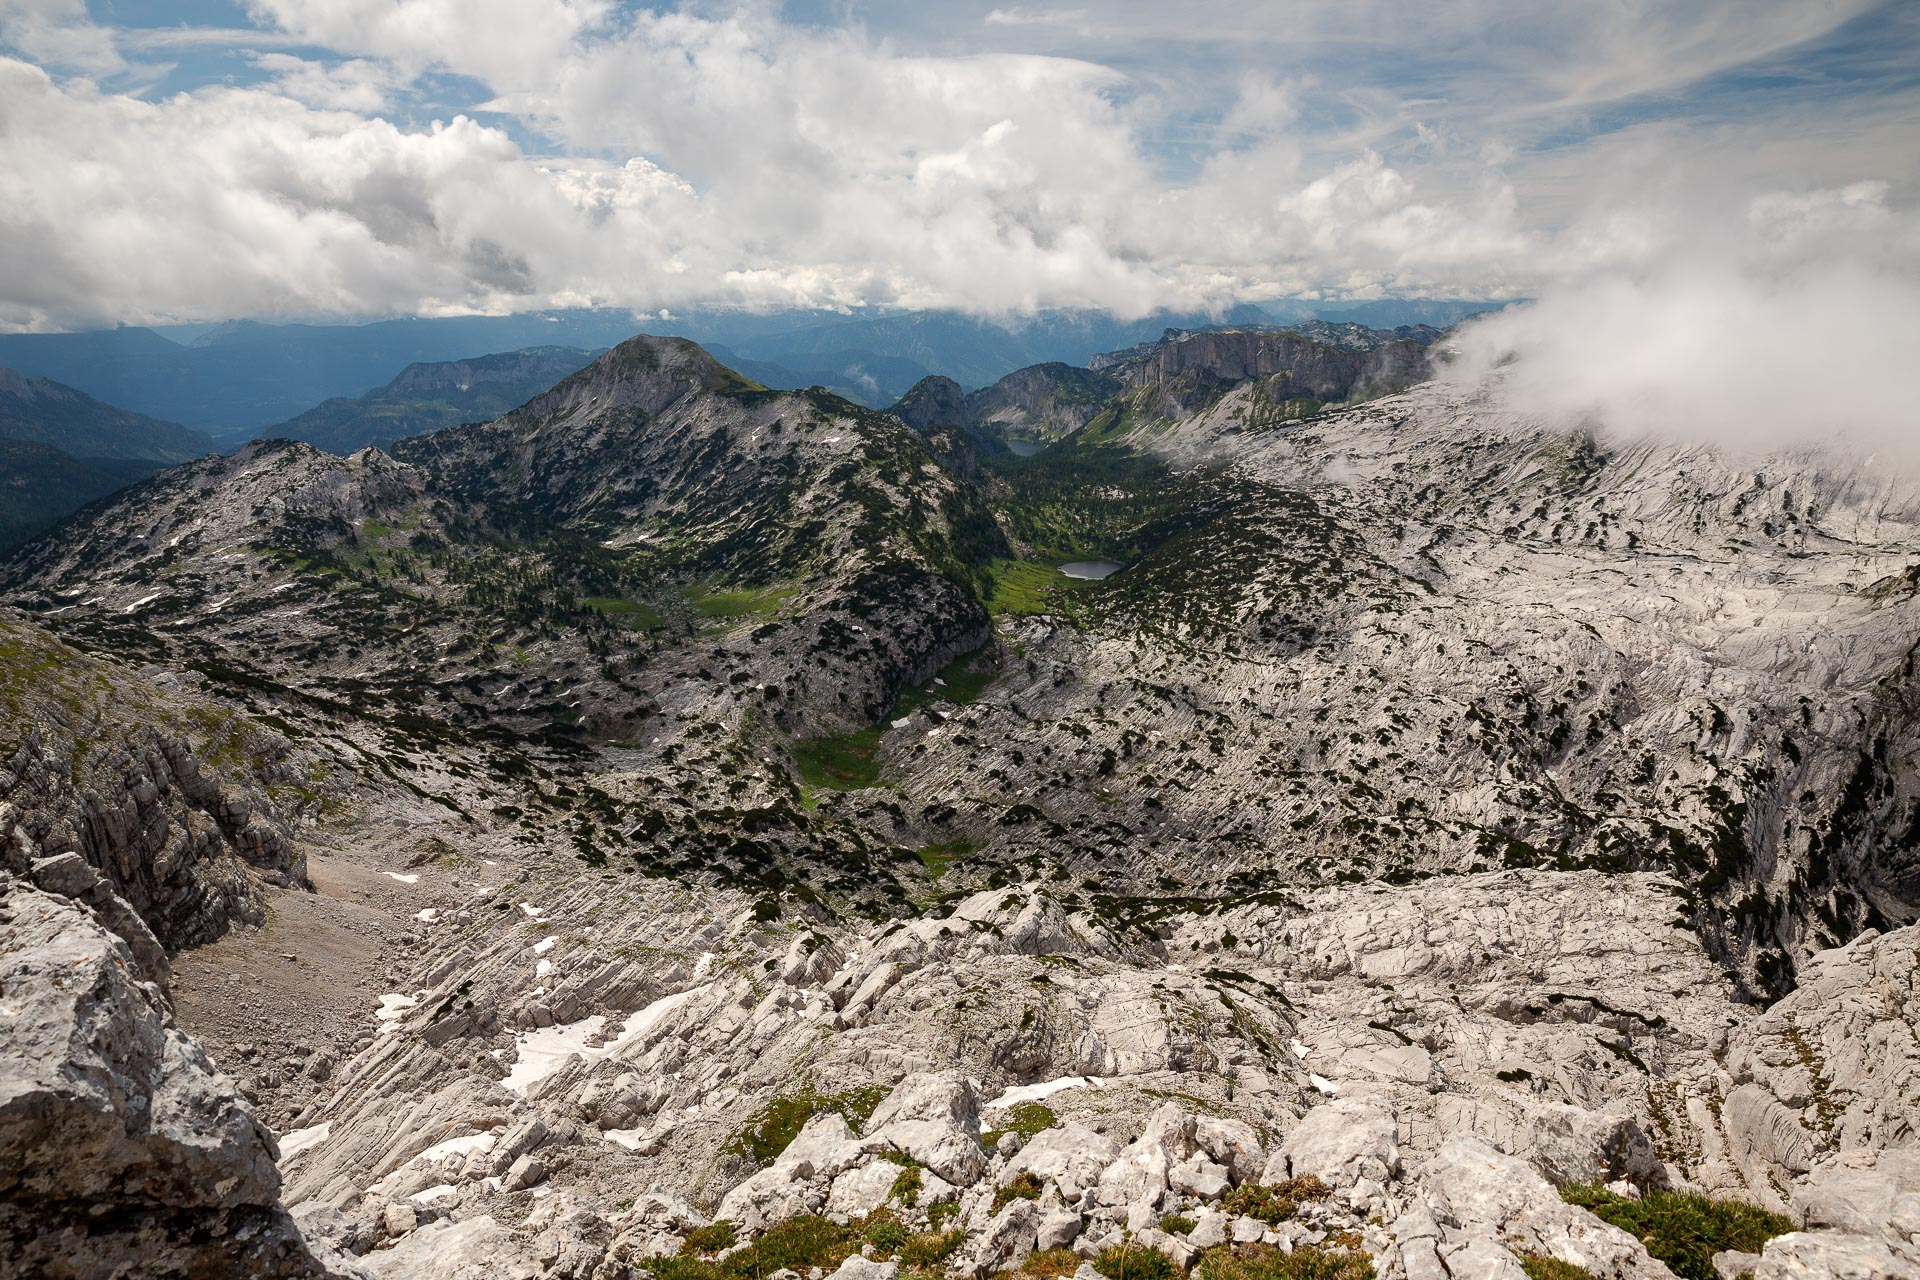 DIE FOTOFÜCHSE Foto Locations Salzkammergut. Vom Gipfel des Rotgschirrs überblickt man weitläufig das Tote Gebirge.